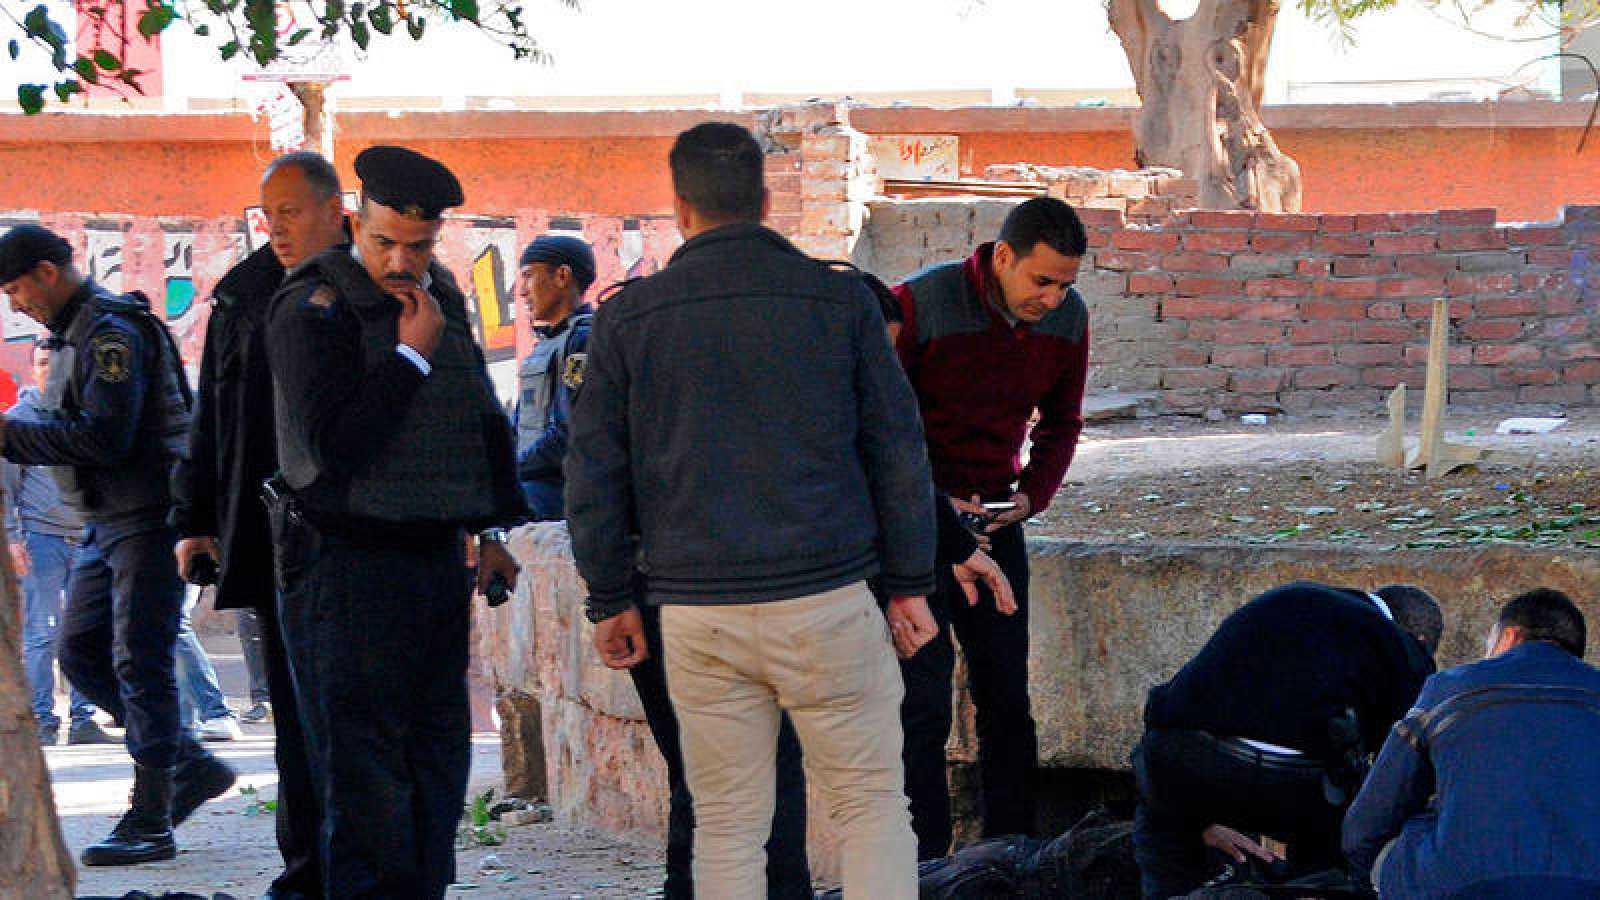 Las autoridades trabajan en el lugar del atentado en el barrio de Al Talebiya, en El Cairo